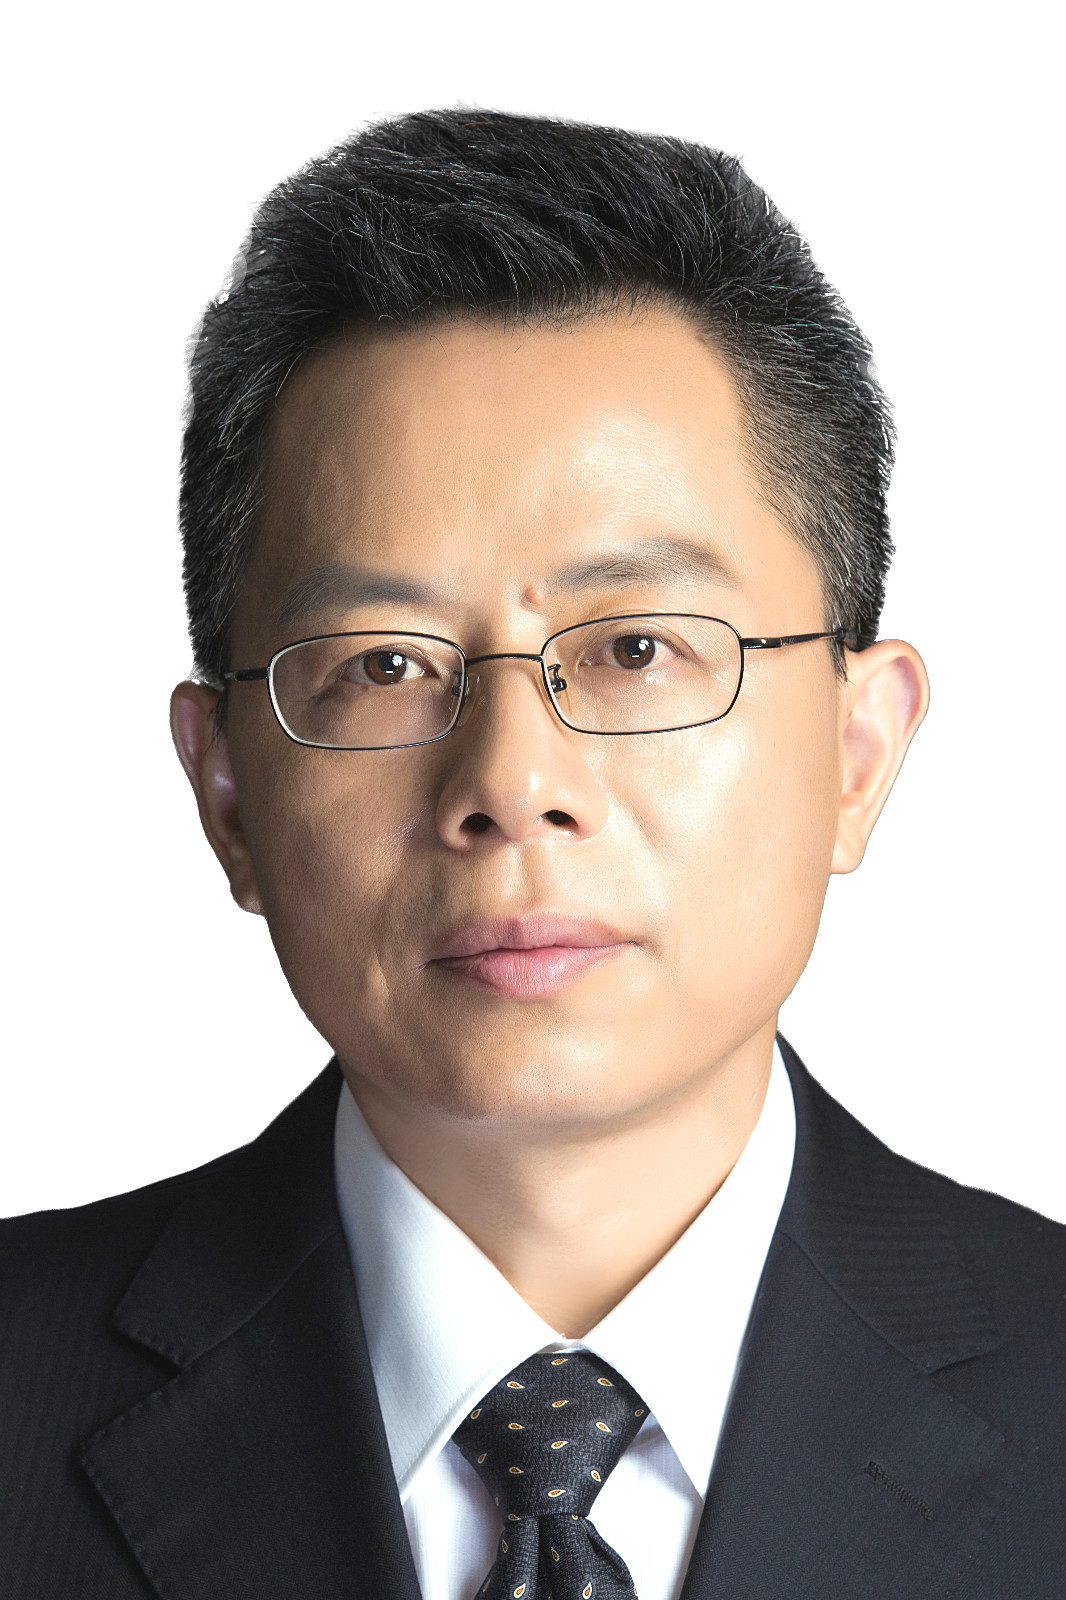 ZHANG Guangyu